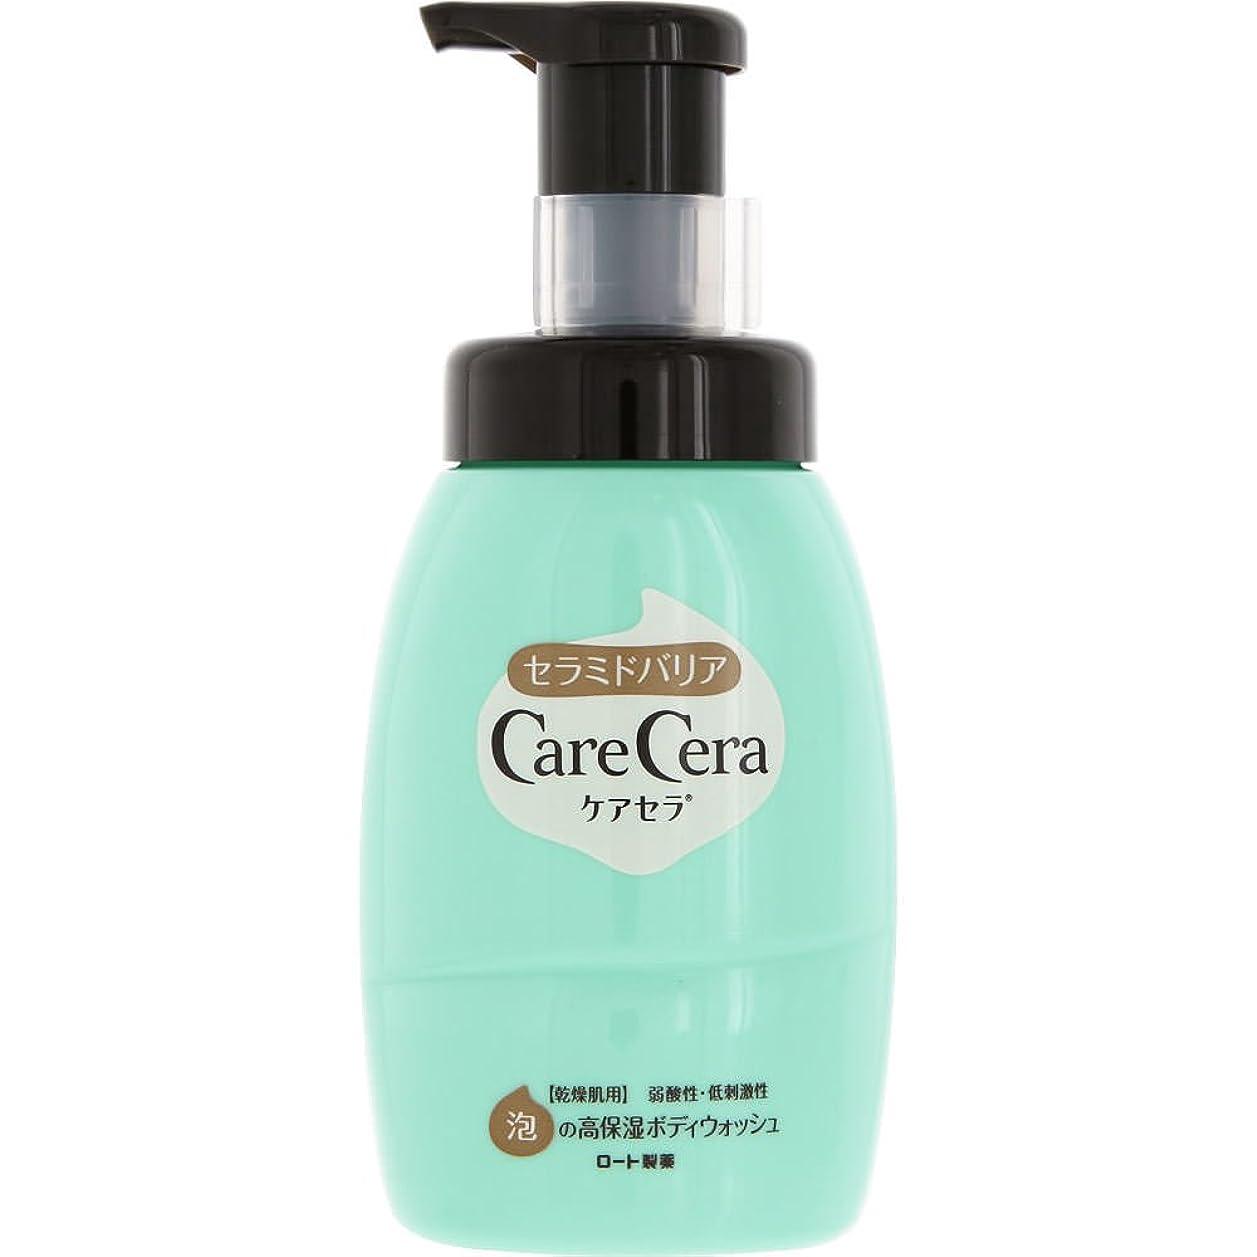 サークル舌メニューケアセラ(CareCera) ロート製薬 ケアセラ  天然型セラミド7種配合 セラミド濃度10倍泡の高保湿 全身ボディウォッシュ ピュアフローラルの香り お試し企画品 300mL